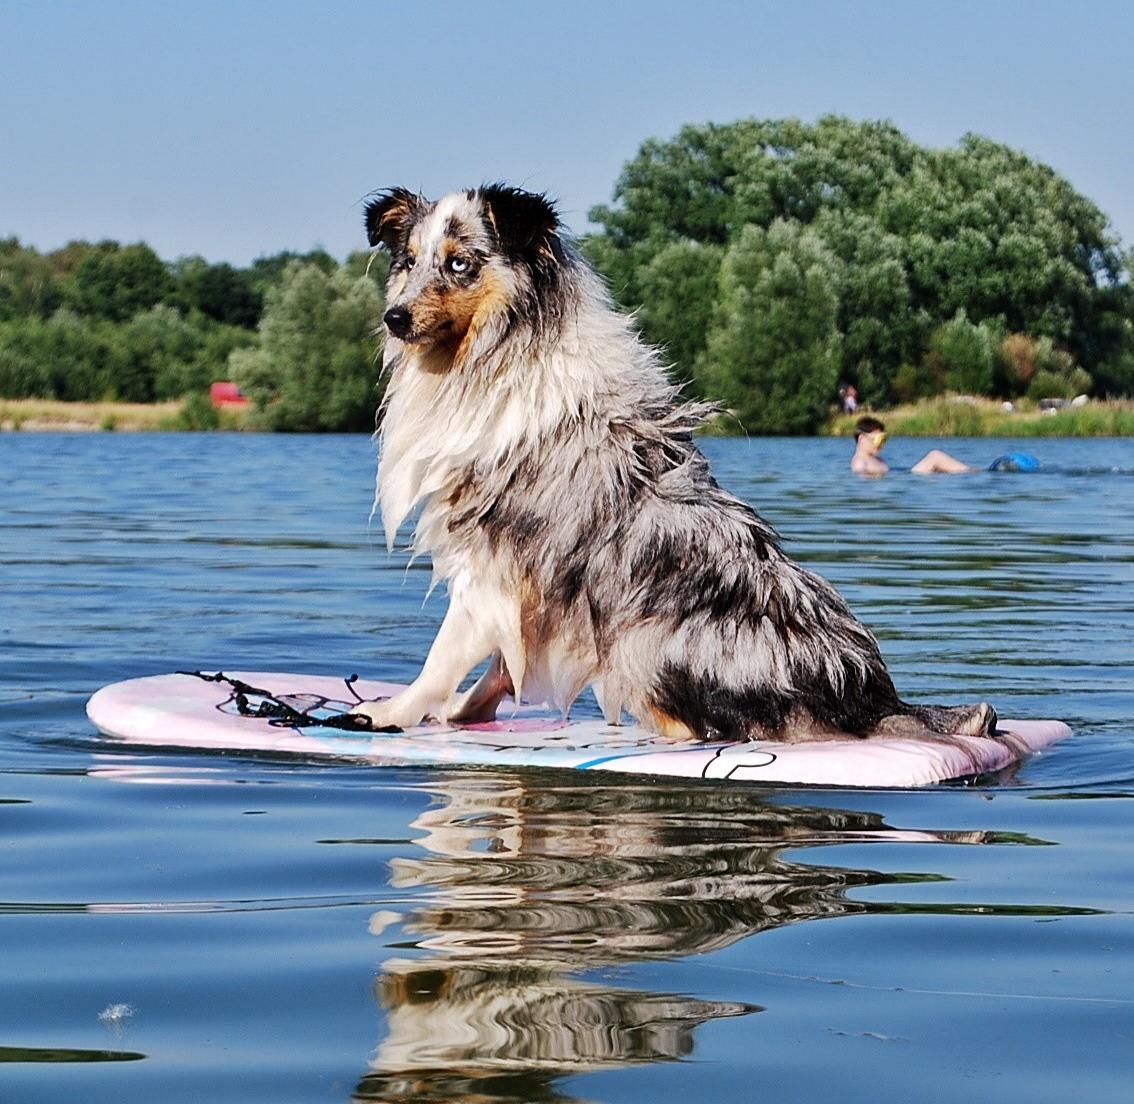 Vyberte si psa podle svého životního stylu. Tipy a rady od veterinářky. 2b31429f16